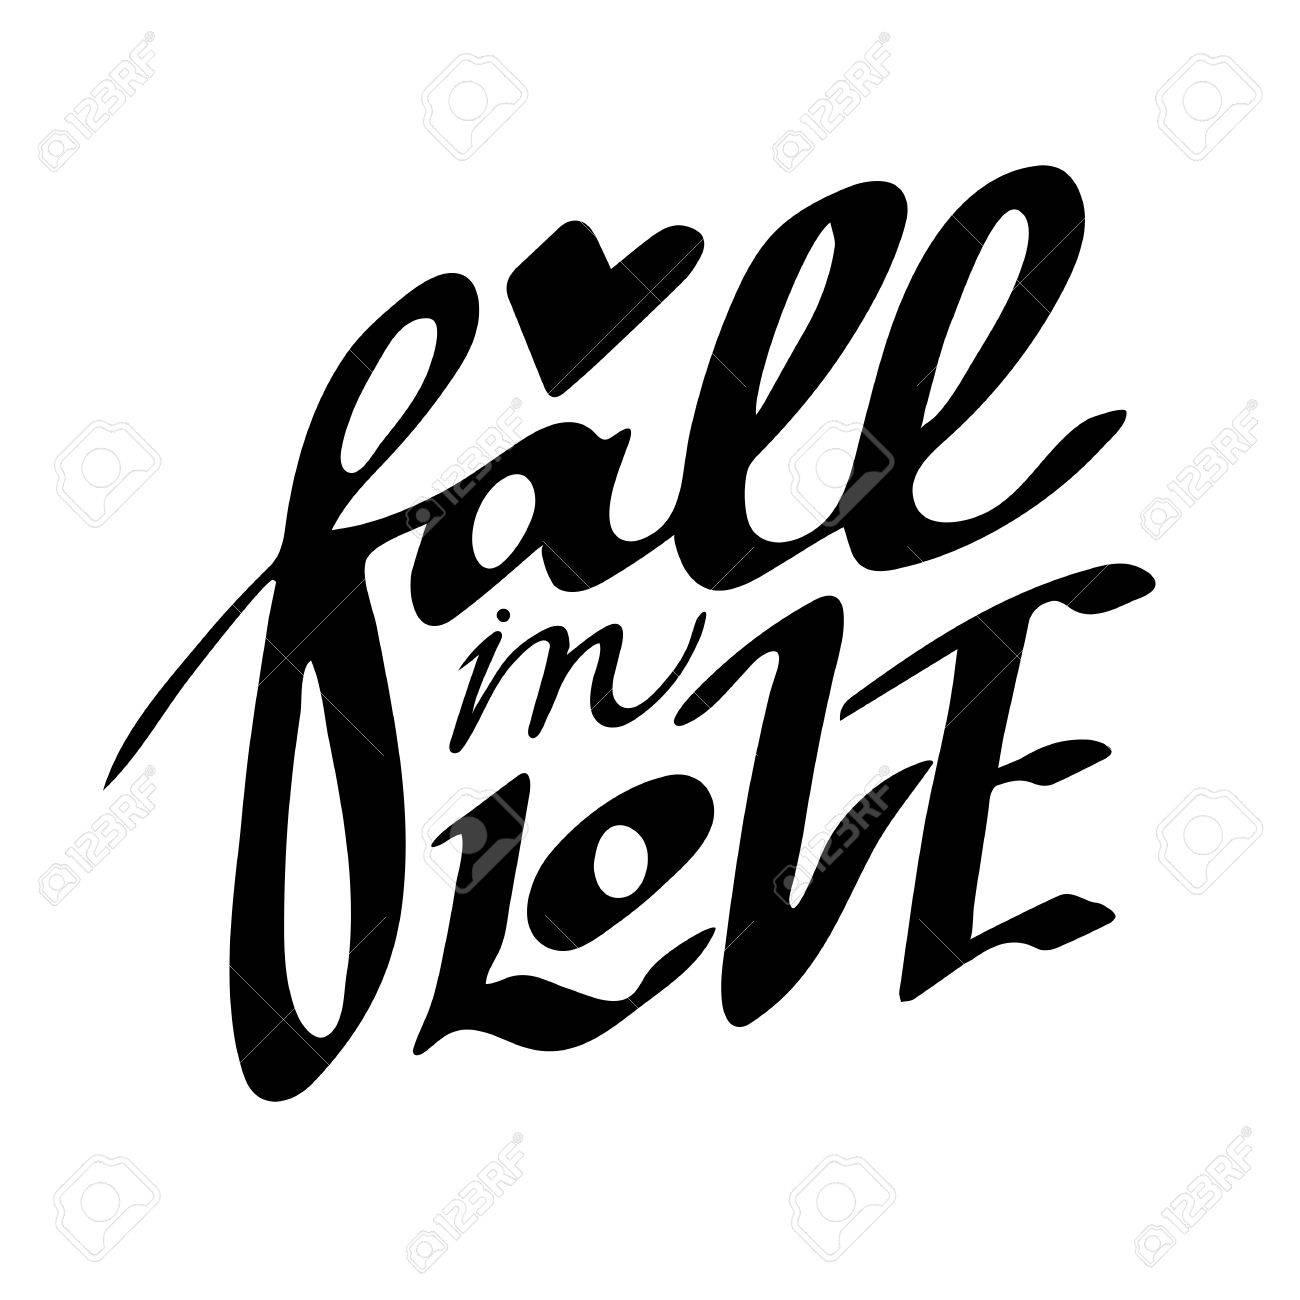 Enamórate Frase De Amor Para El Día De San Valentín En La Boda Estilo Hipster Moderno Caligrafía Letras De Mano